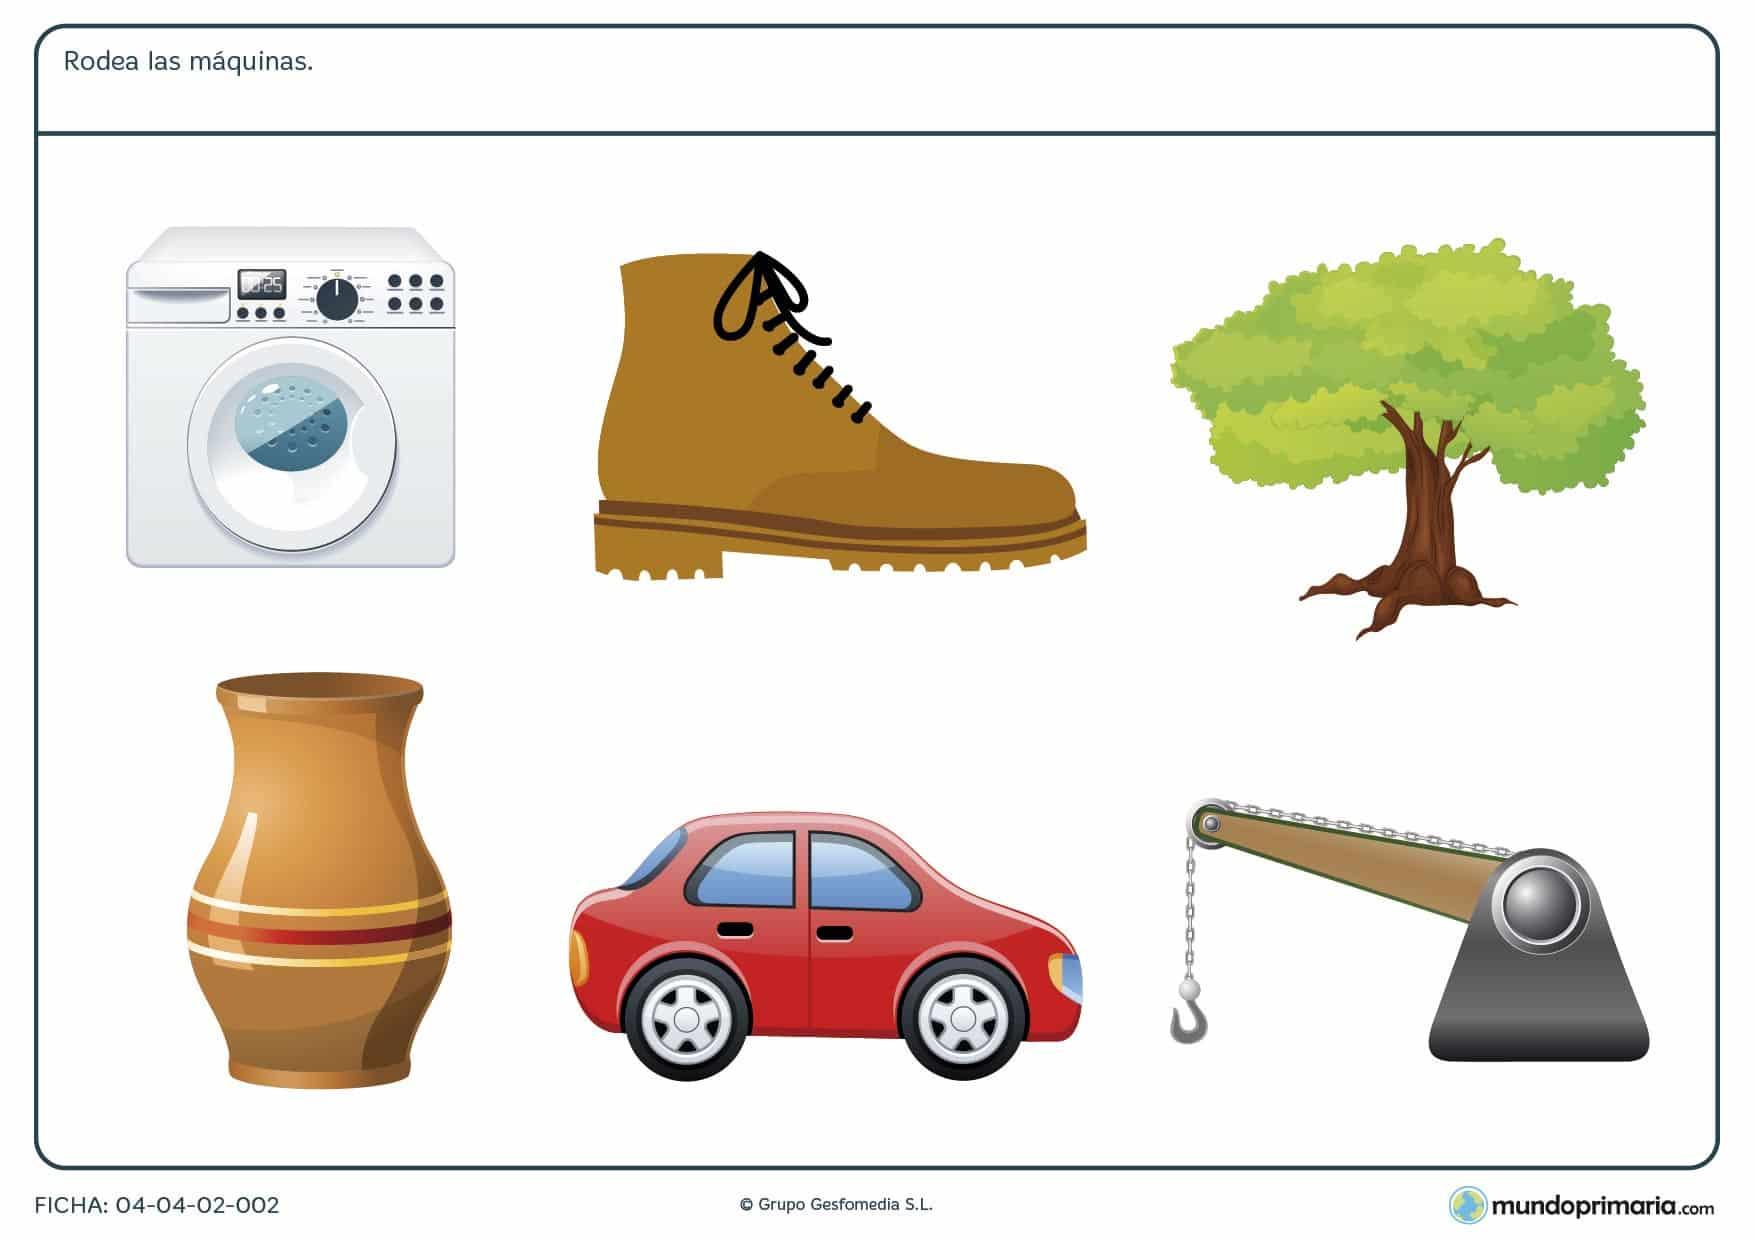 Ficha de inventos para trabajo en la que ha de encontrar las máquinas entre un grupo de imágenes.